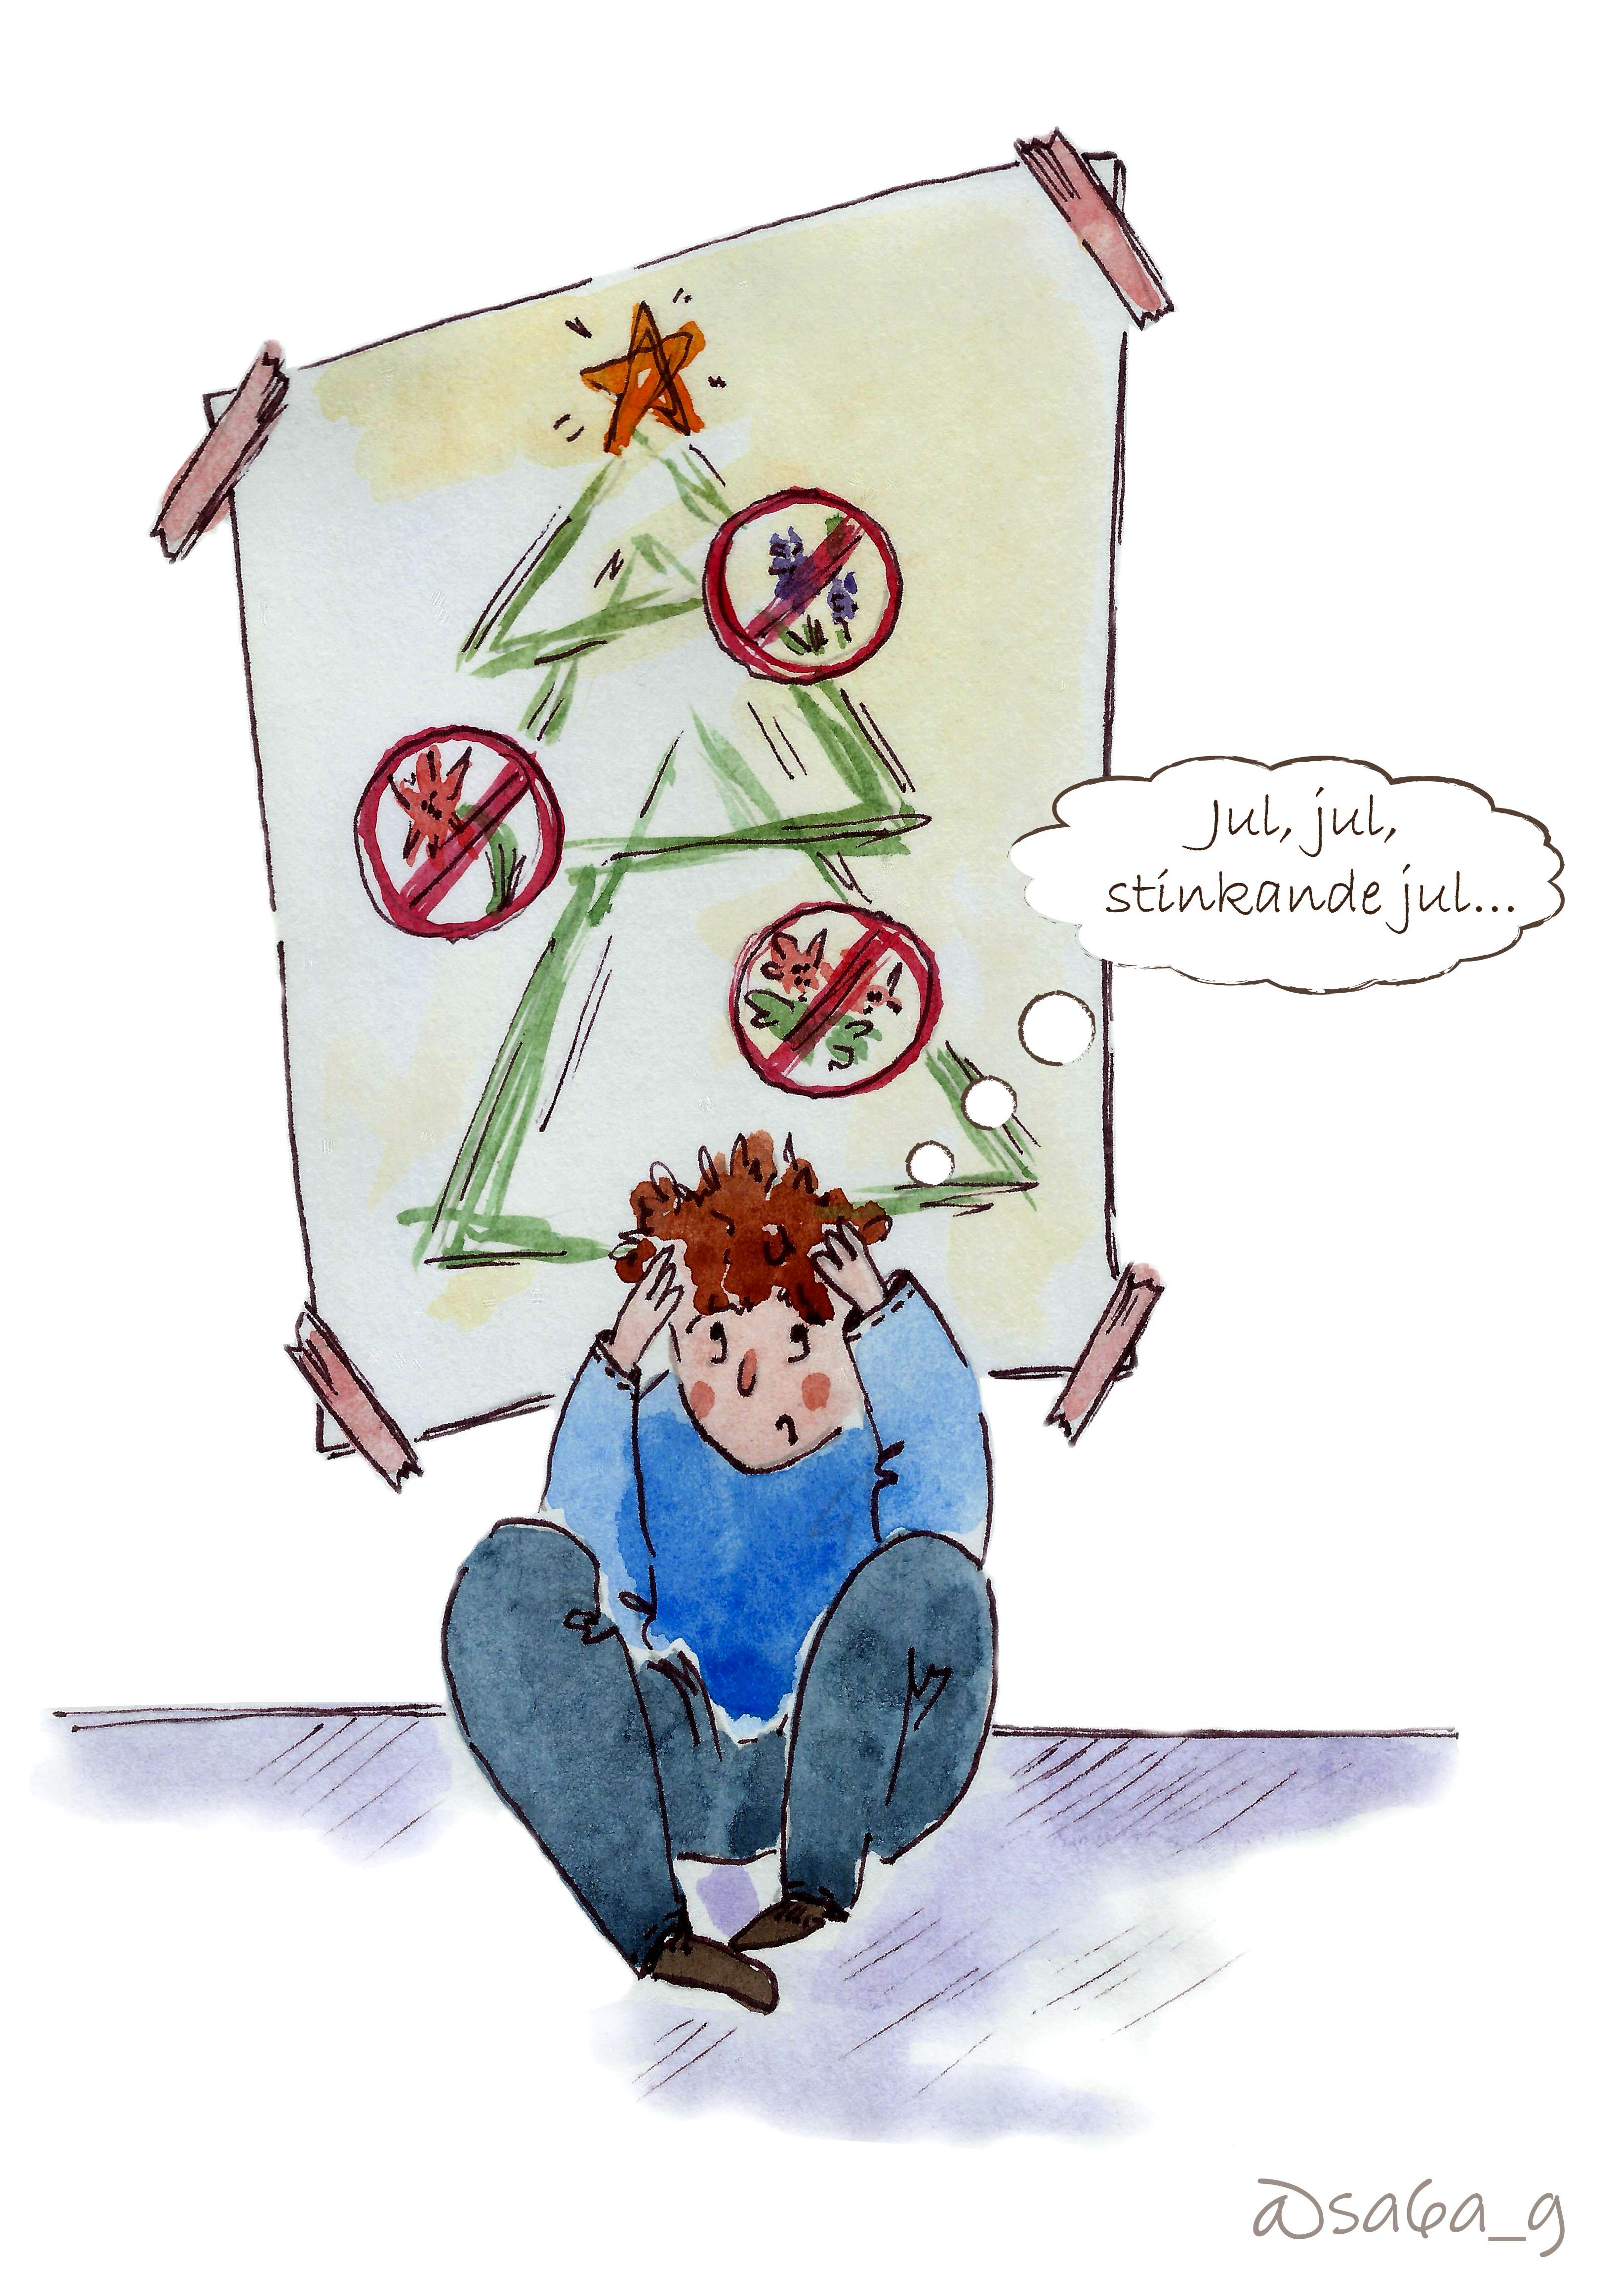 """Jag sitter under en bild på en julgran och tänker """"Jul, jul, stinkande jul"""". På julgranen är också bilder på en julstjärna, hyacint och amaryllis."""